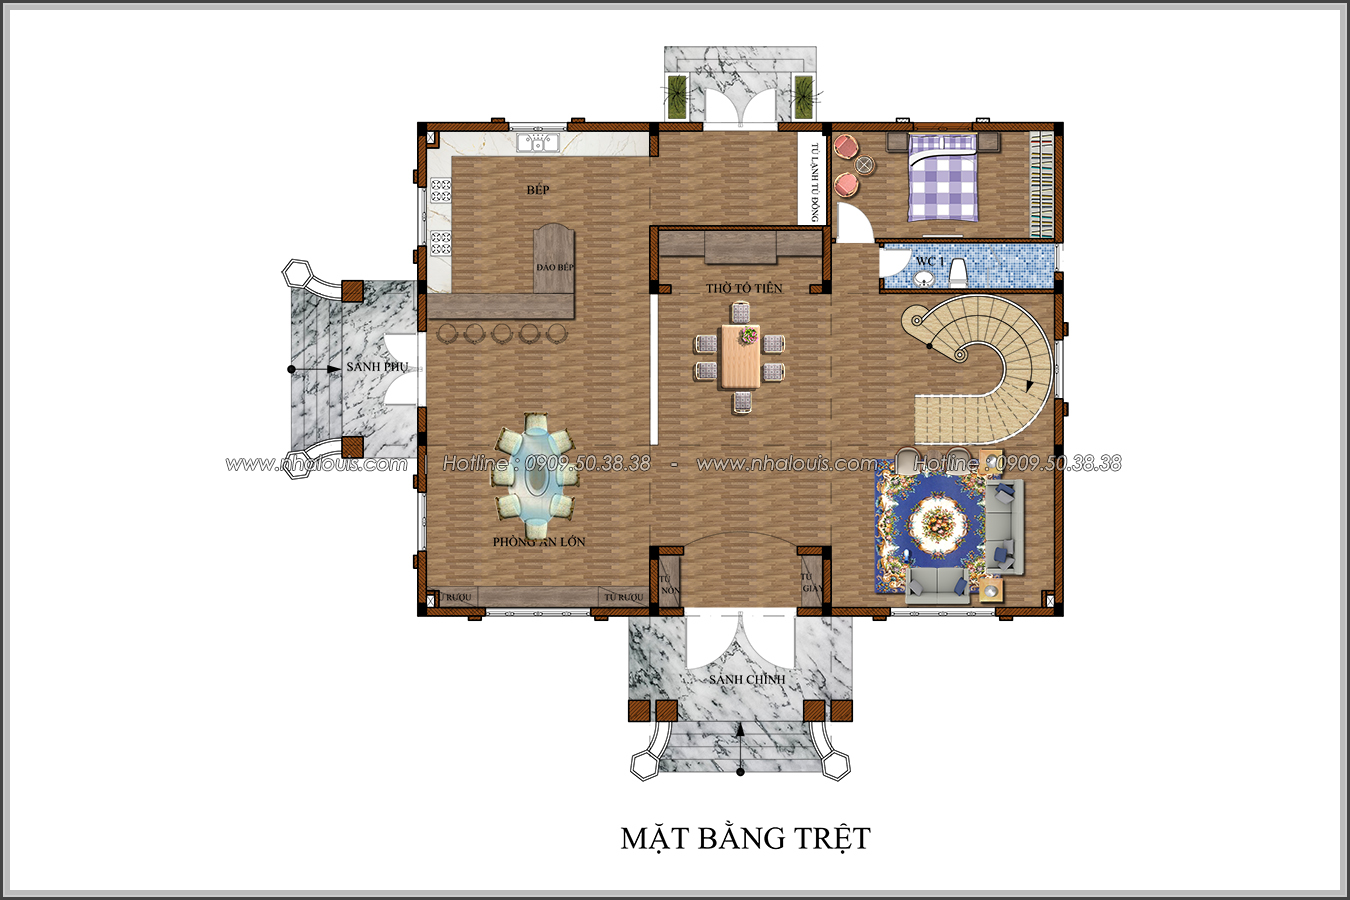 Mê mẩn với thiết kế biệt thự kiểu Pháp tại Biên Hòa đẹp kiêu sa, diễm lệ - 5